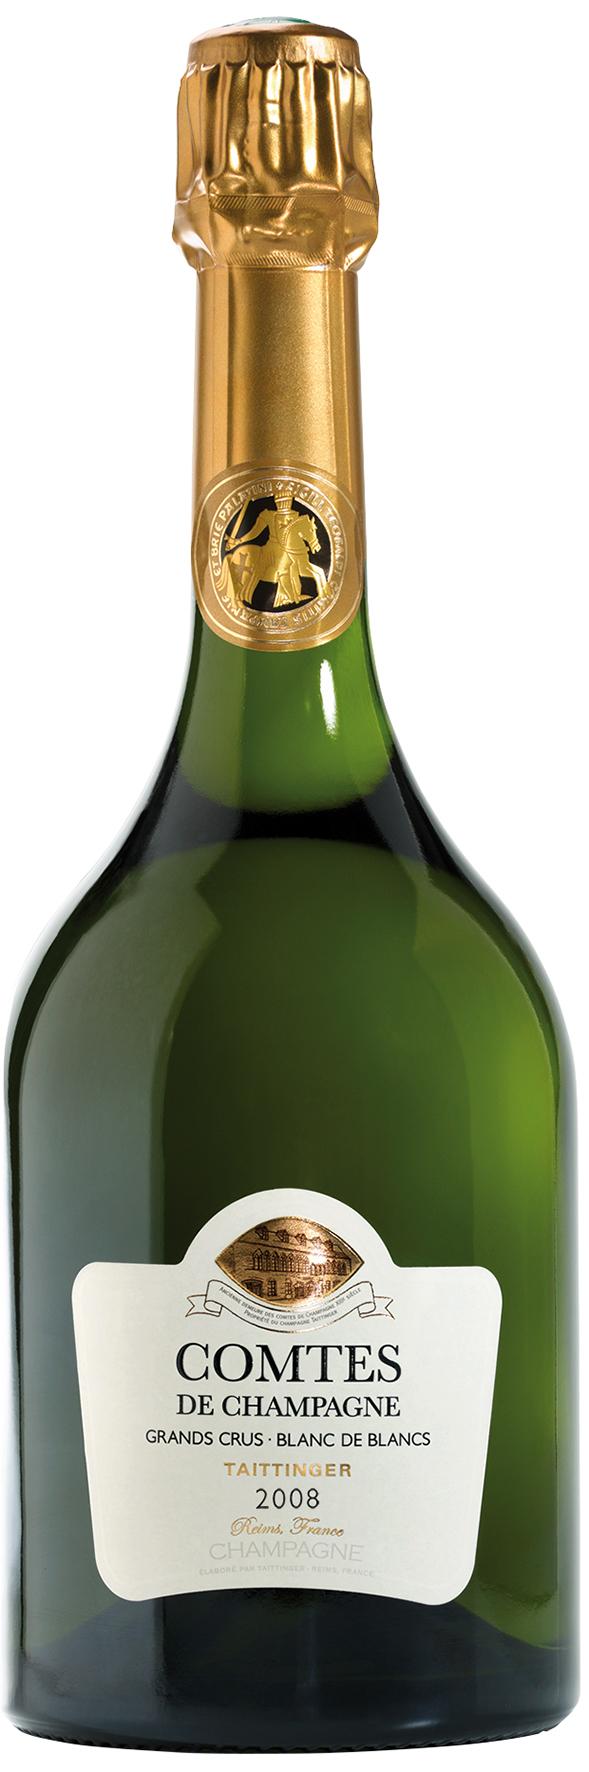 Comtes de Champagne Bland de Blanc 2008